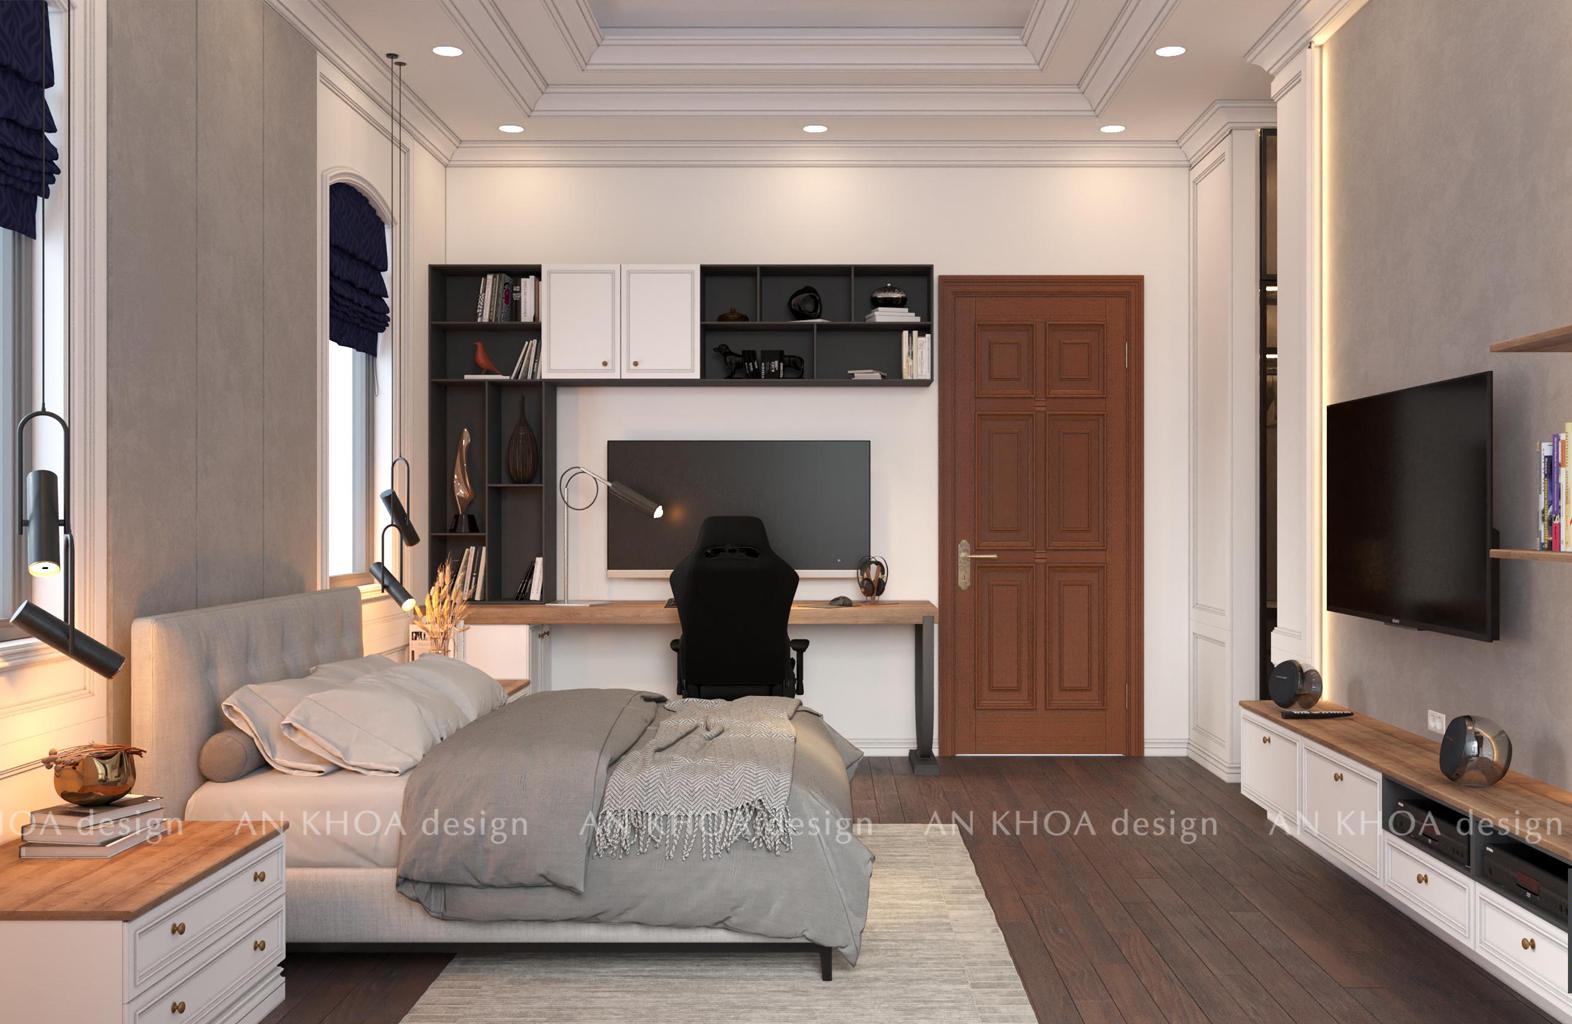 Thiết kế phòng ngủ 24 m2